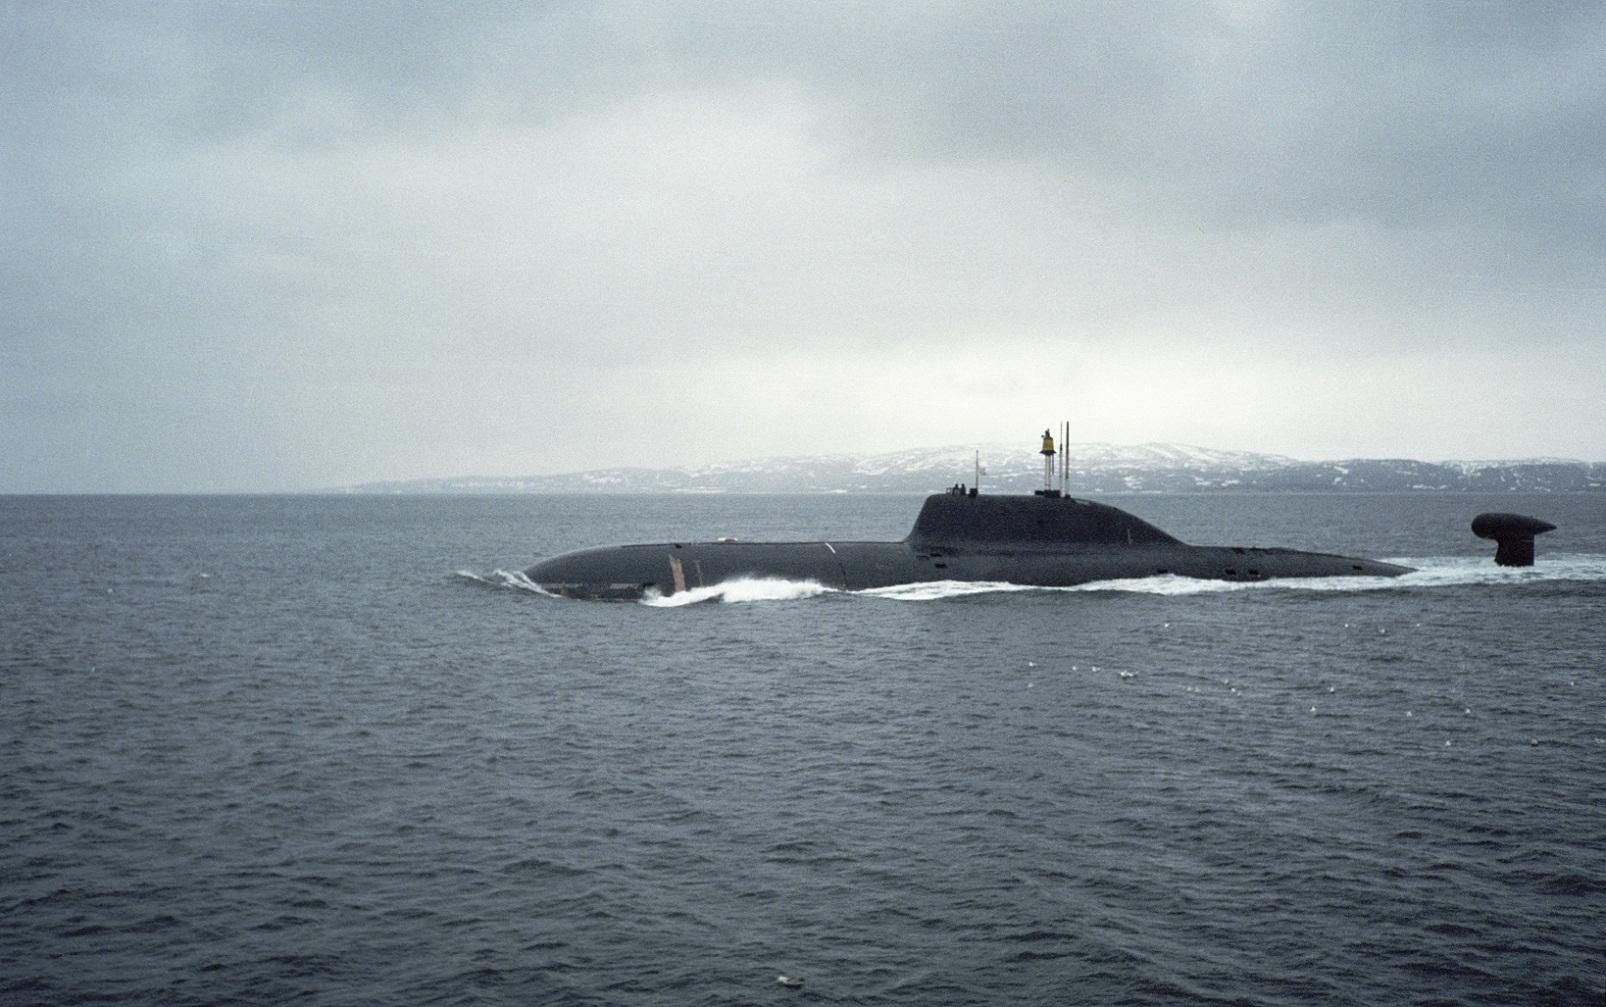 фото подводного крейсера гепард мае, когда